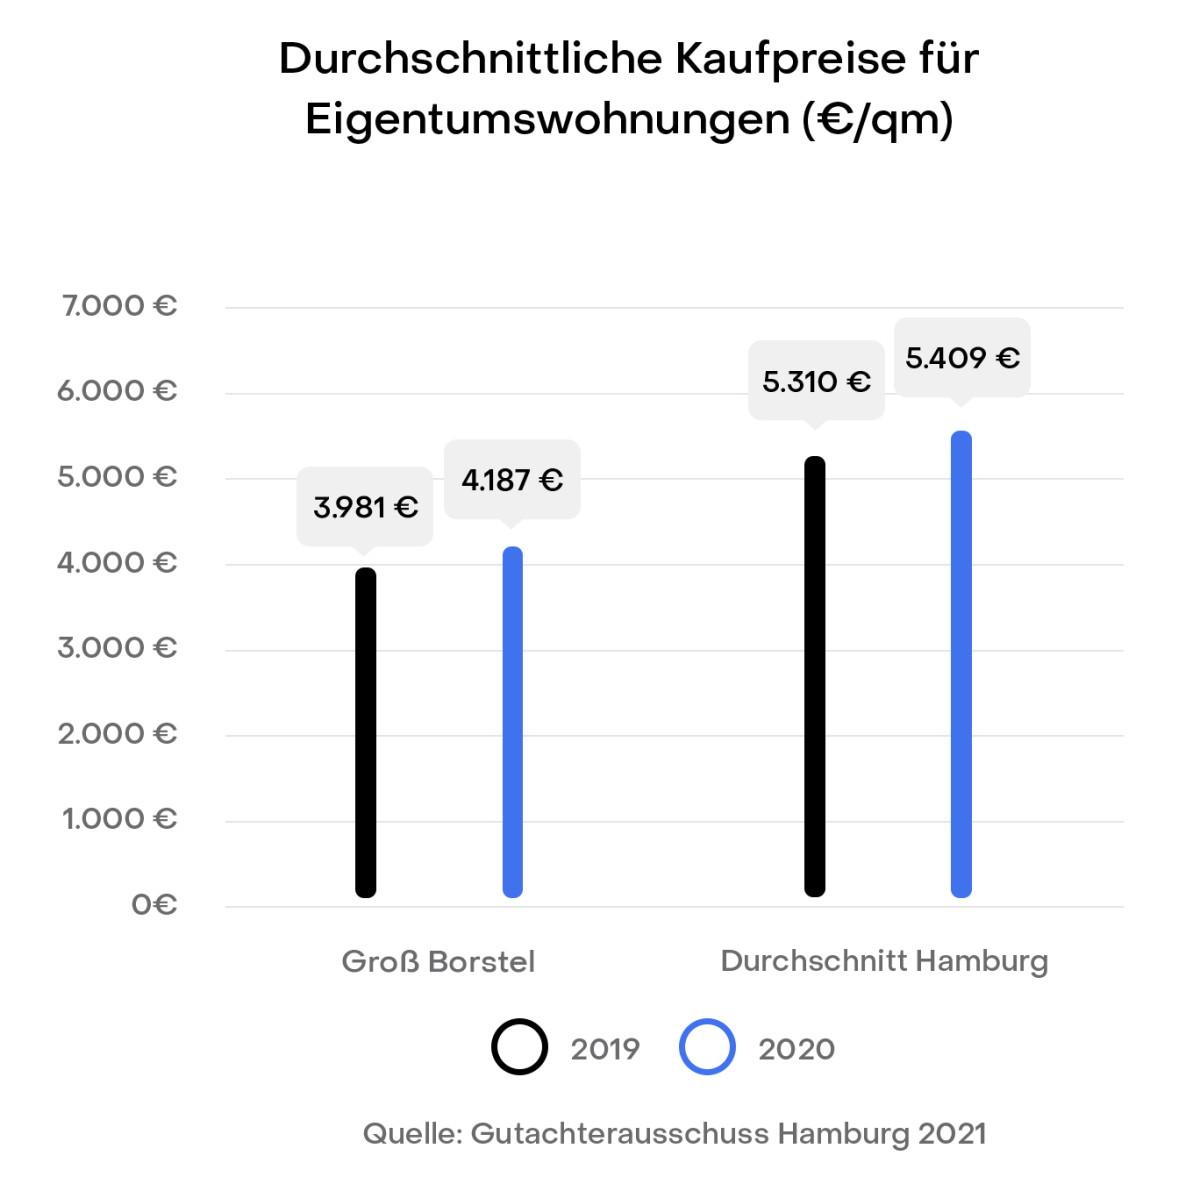 Hamburg Groß Borstel Preisentwicklung Immobilien Kaufpreise Gutachterausschuss